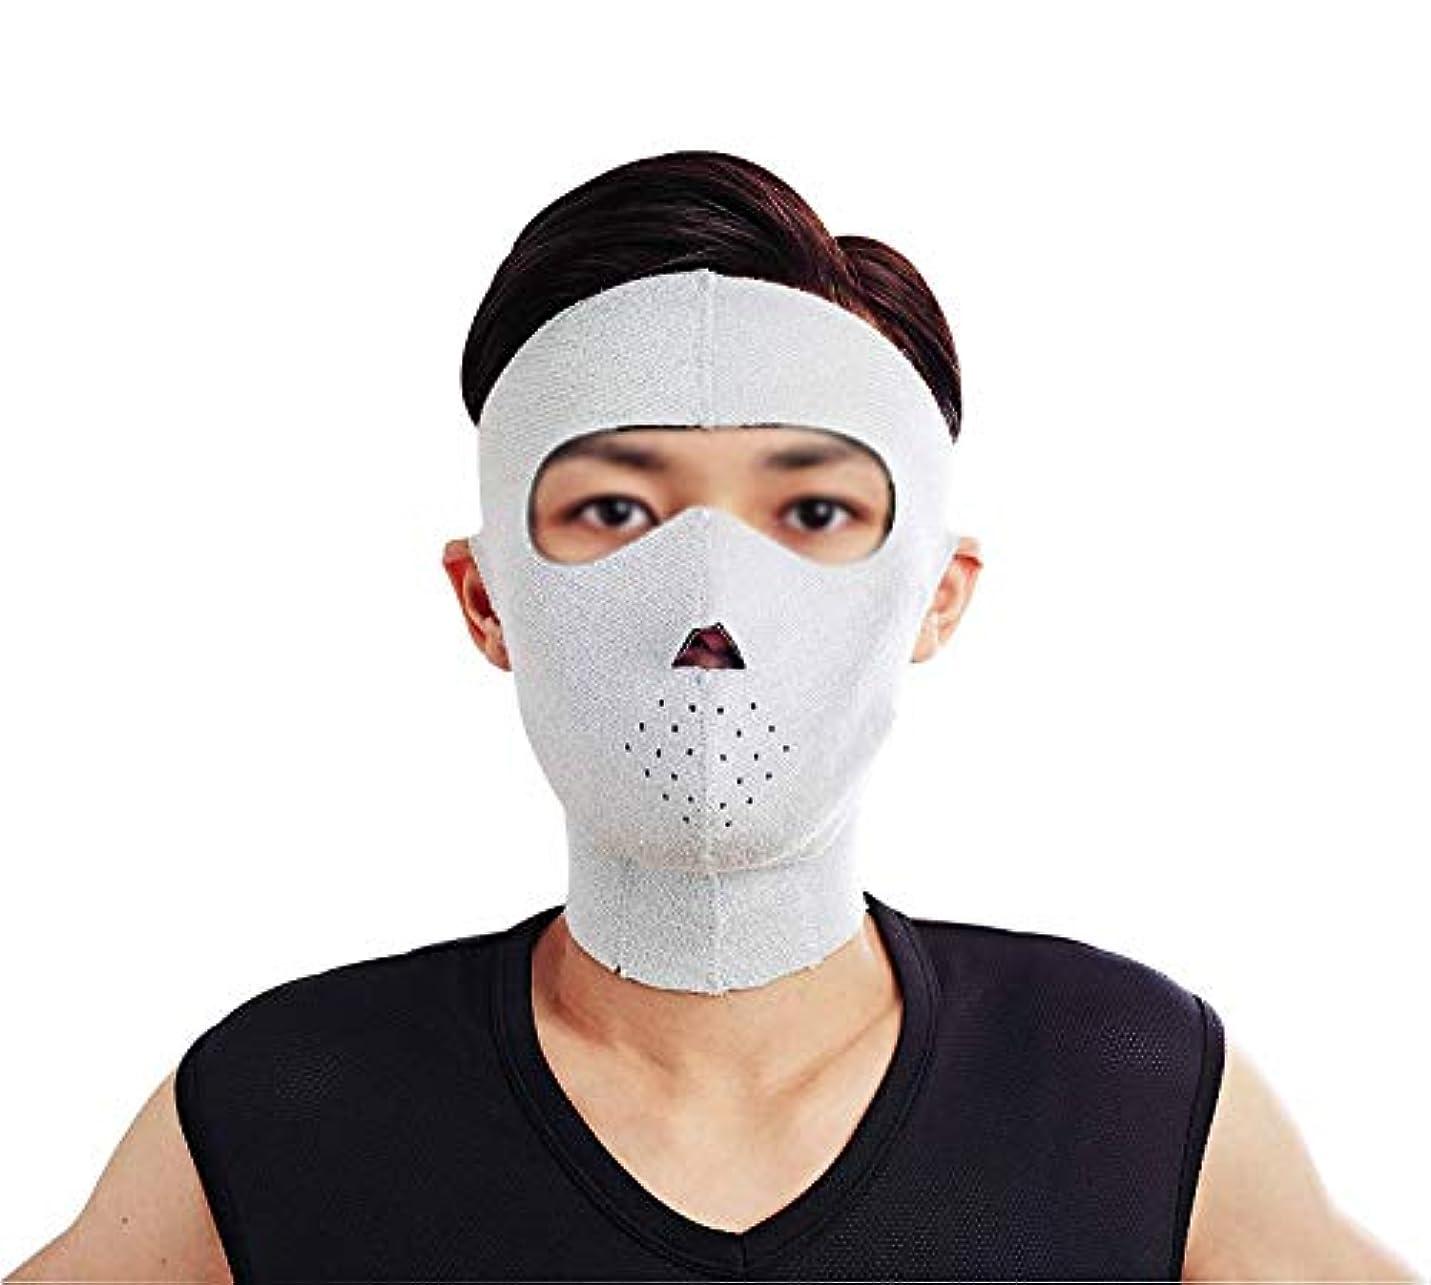 合理的デクリメントキラウエア山GLJJQMY 薄い顔のマスクのマスクと男性のネックバンドとの垂れ下がり防止の薄い顔のマスクの薄い顔のマスクのアーチファクトの美しさを引き締め 顔用整形マスク